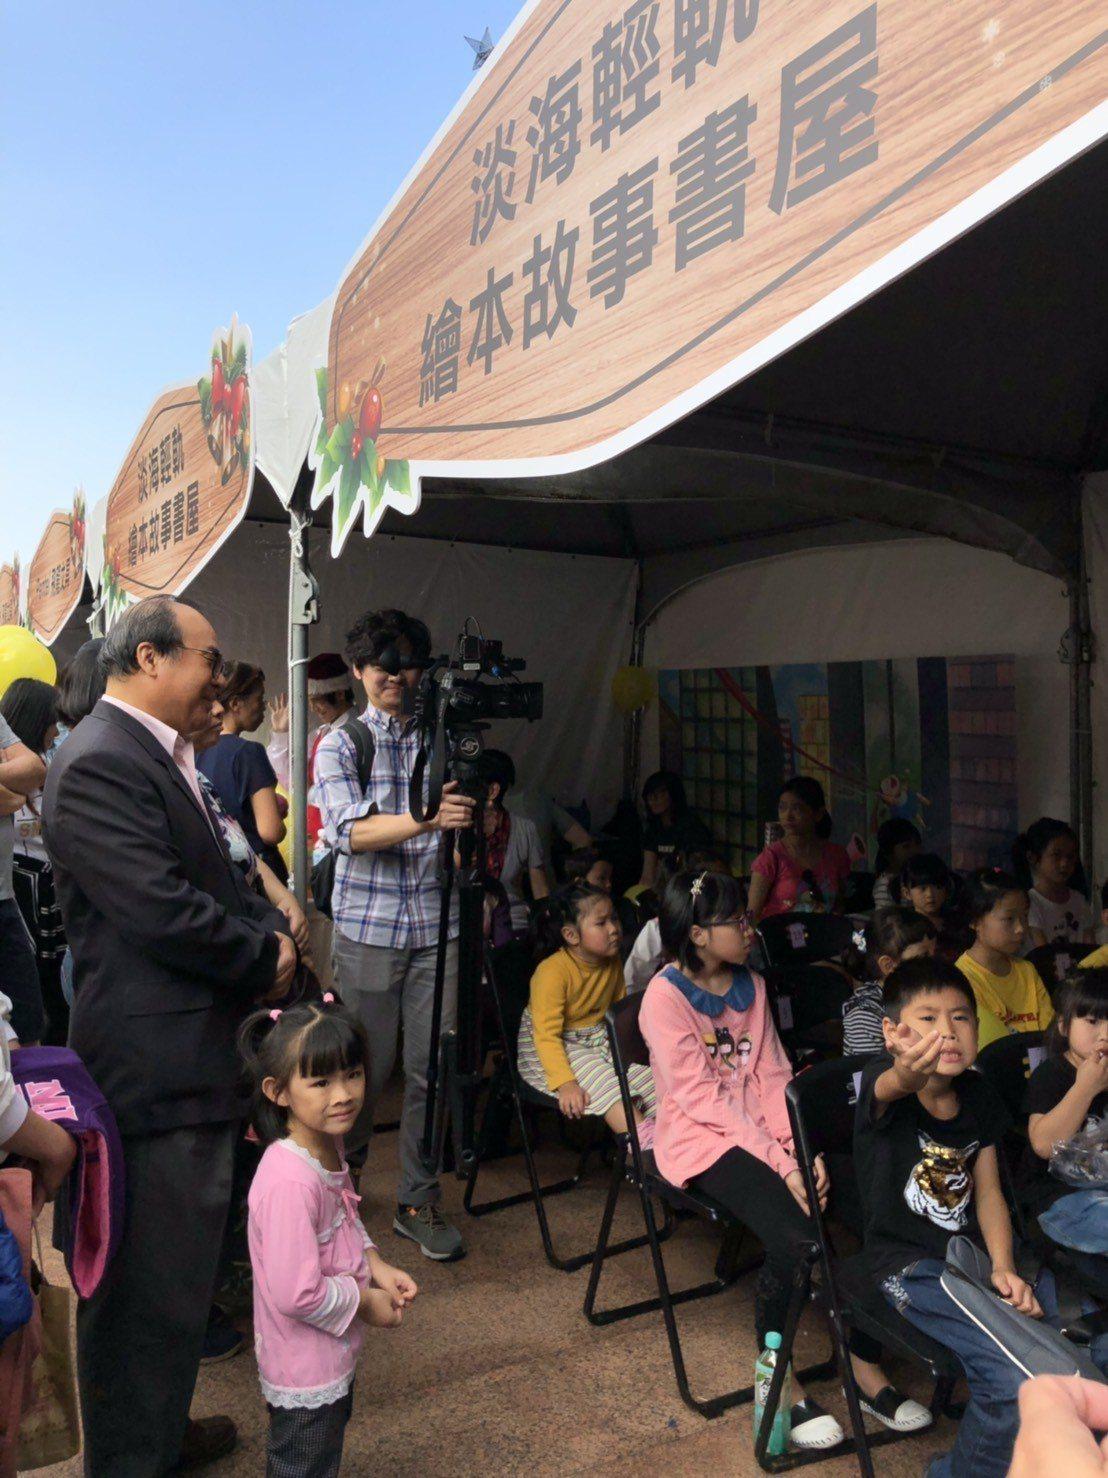 新北捷運公司董事長陳建宇(左一)今天也到場陪伴聽故事,小朋友們聽得超專注。圖/新...